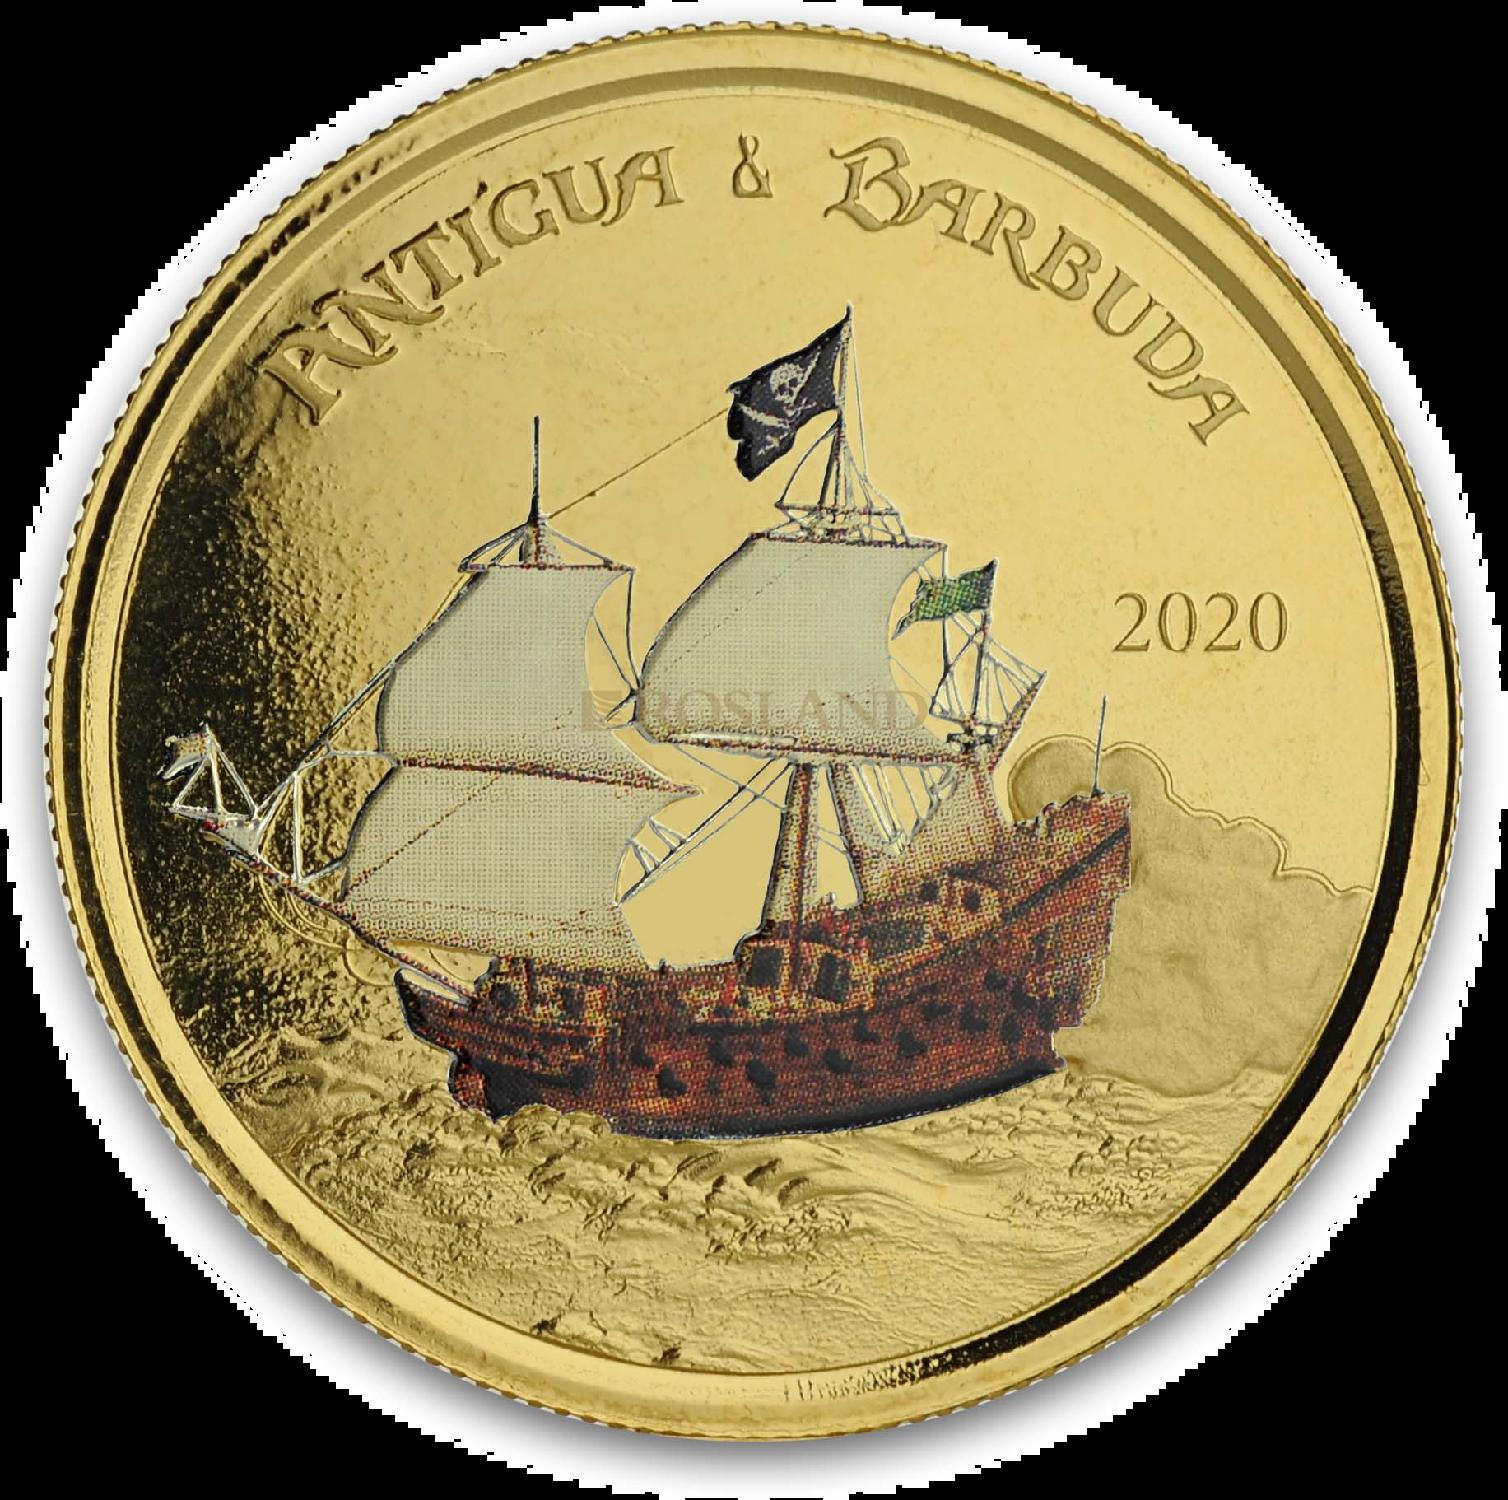 1 Unze Goldmünze EC8 Antigua & Barbuda Rum Runner 2020 PP (Koloriert, Box, Zertifikat)